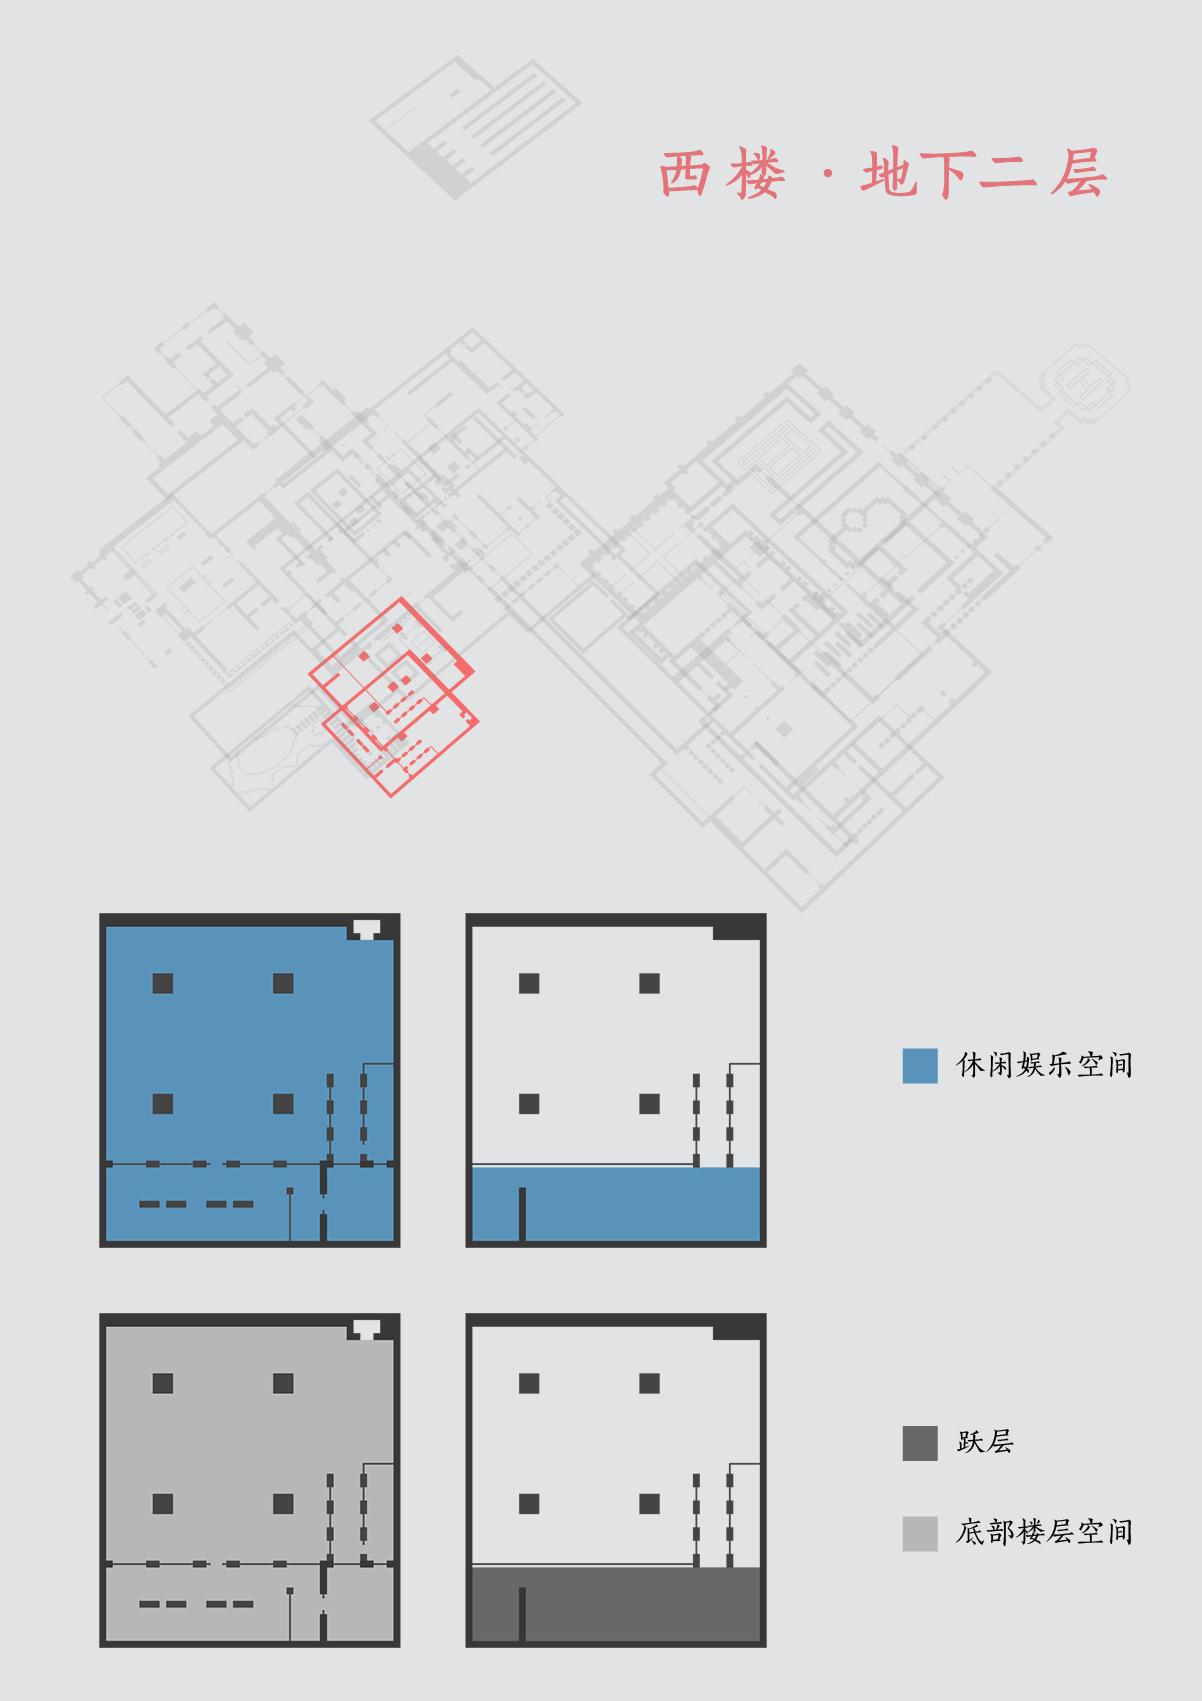 【我的世界现代建筑群】海岛v世界别墅--源梦岛别墅水电安装如何图片